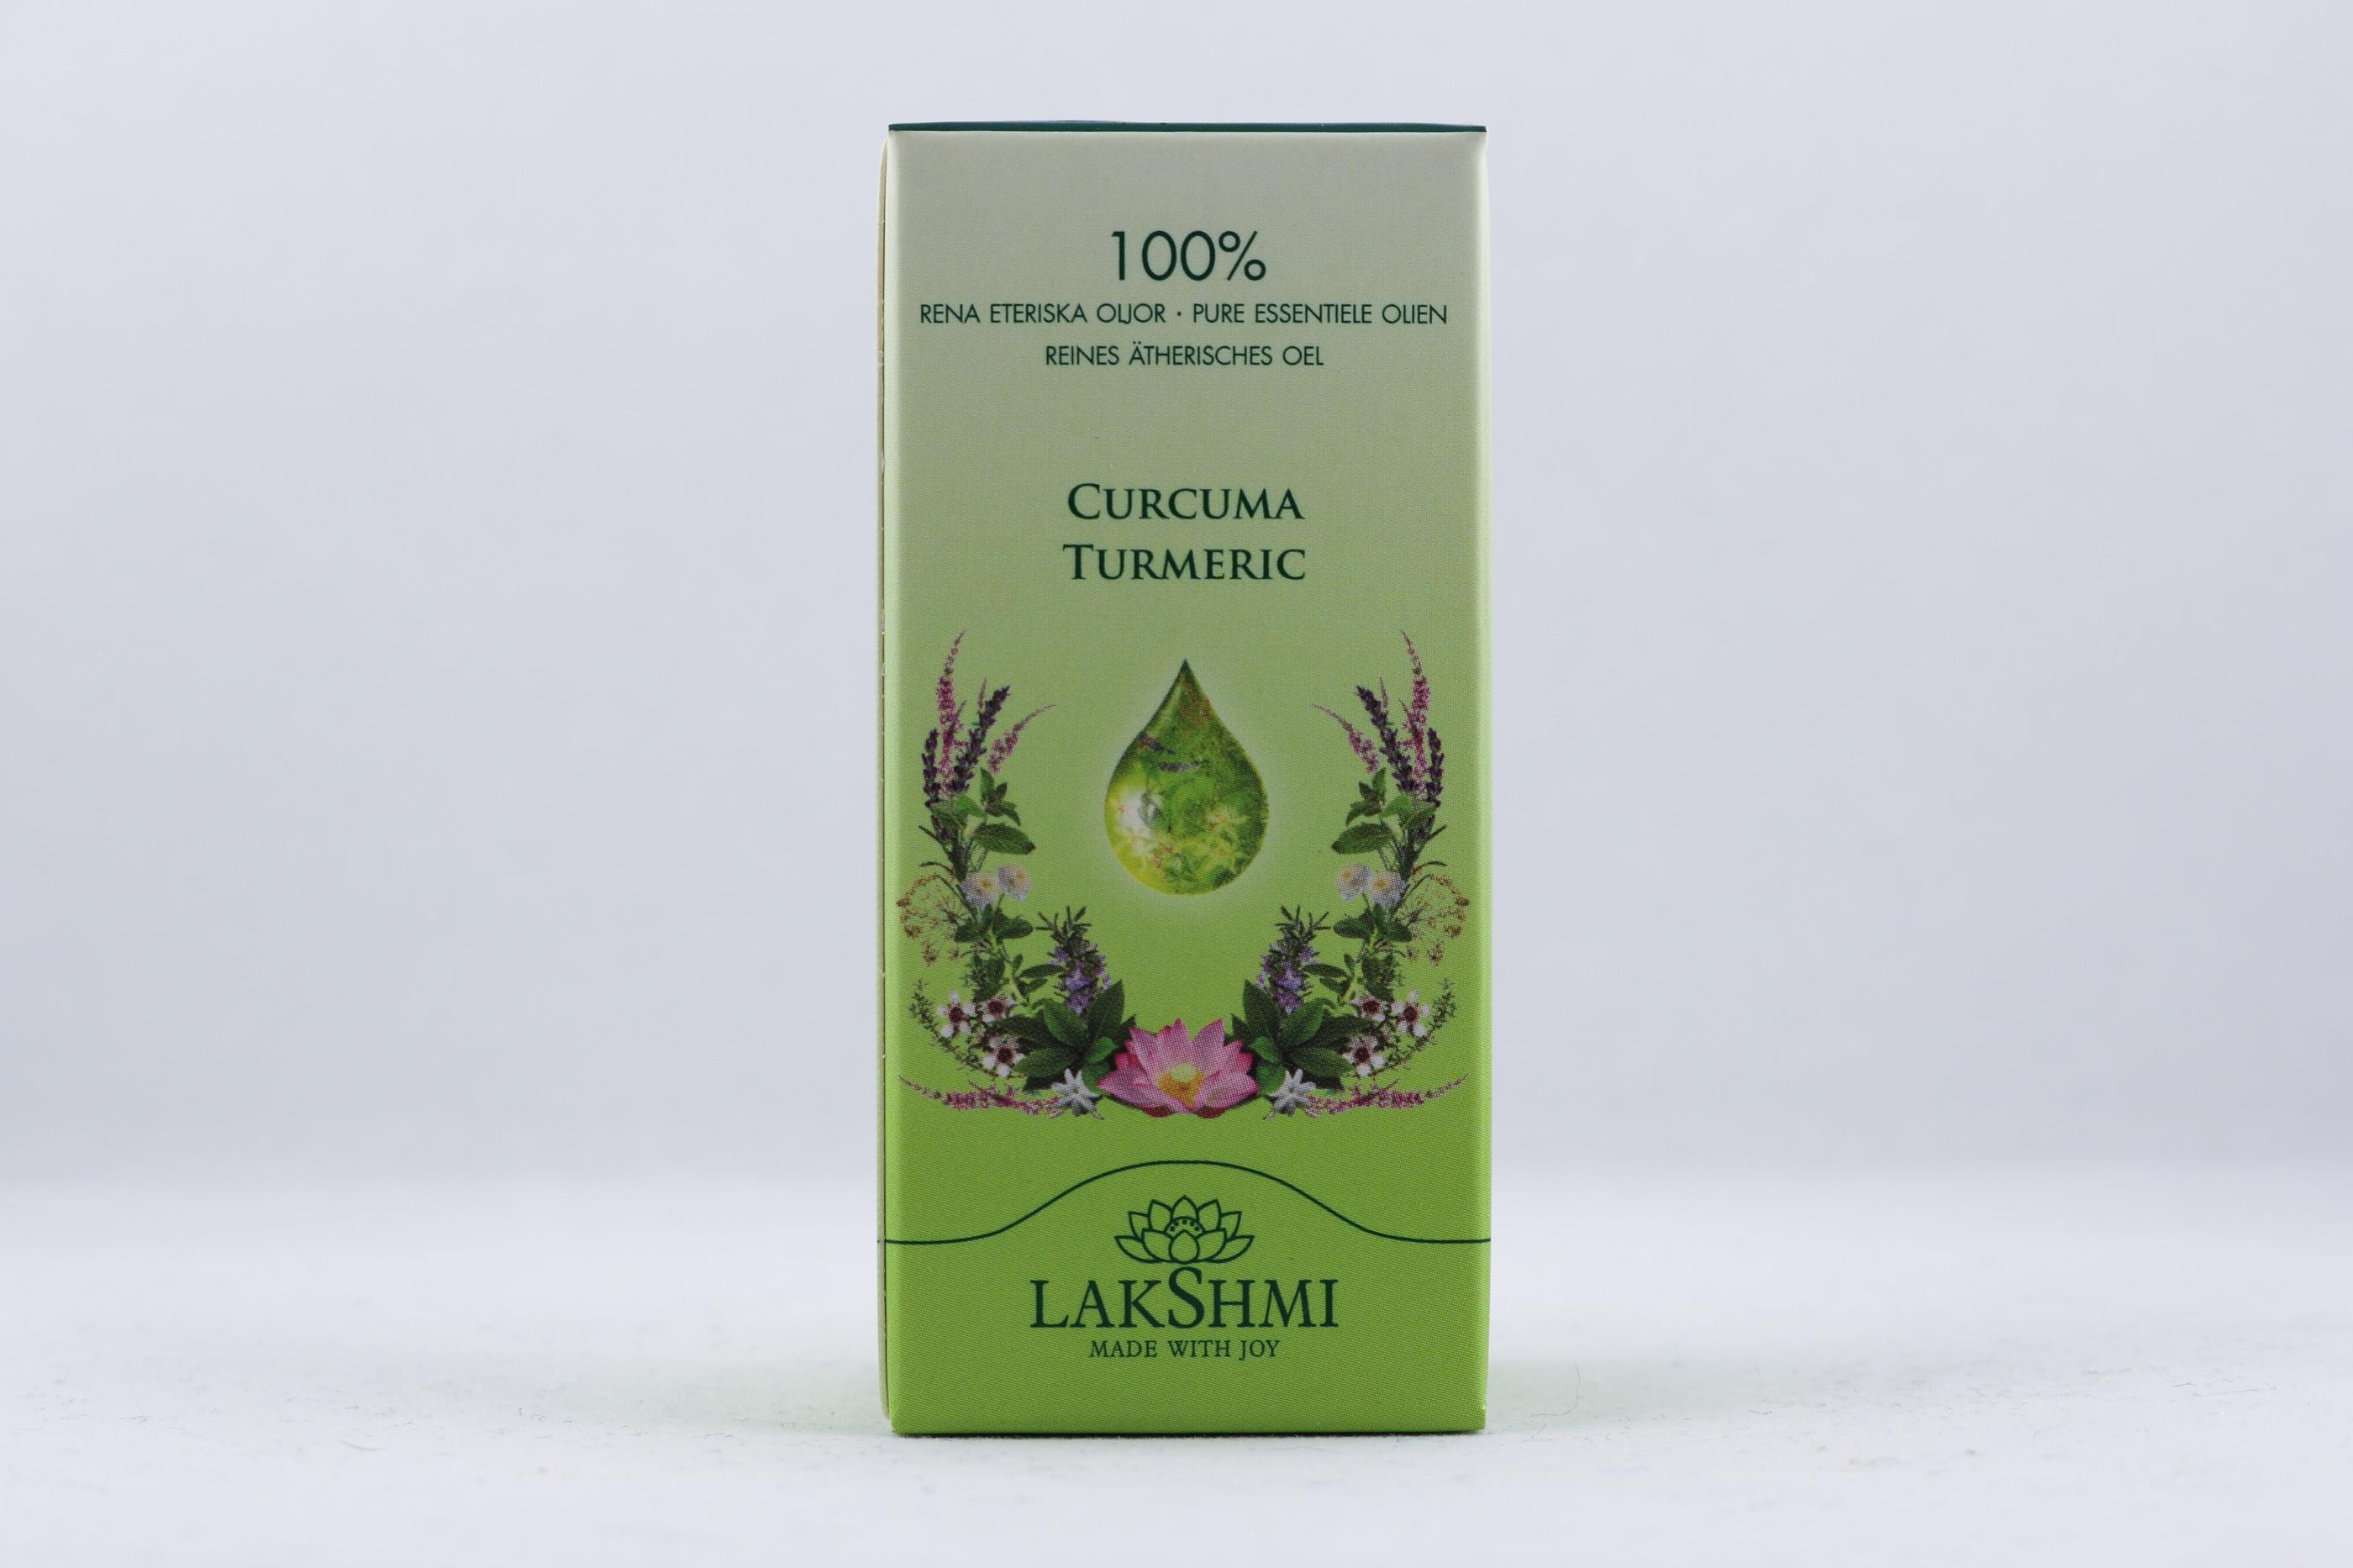 Gurkmeja olja wellness ayurveda halmstad sweden svensk eterisk aroma olja